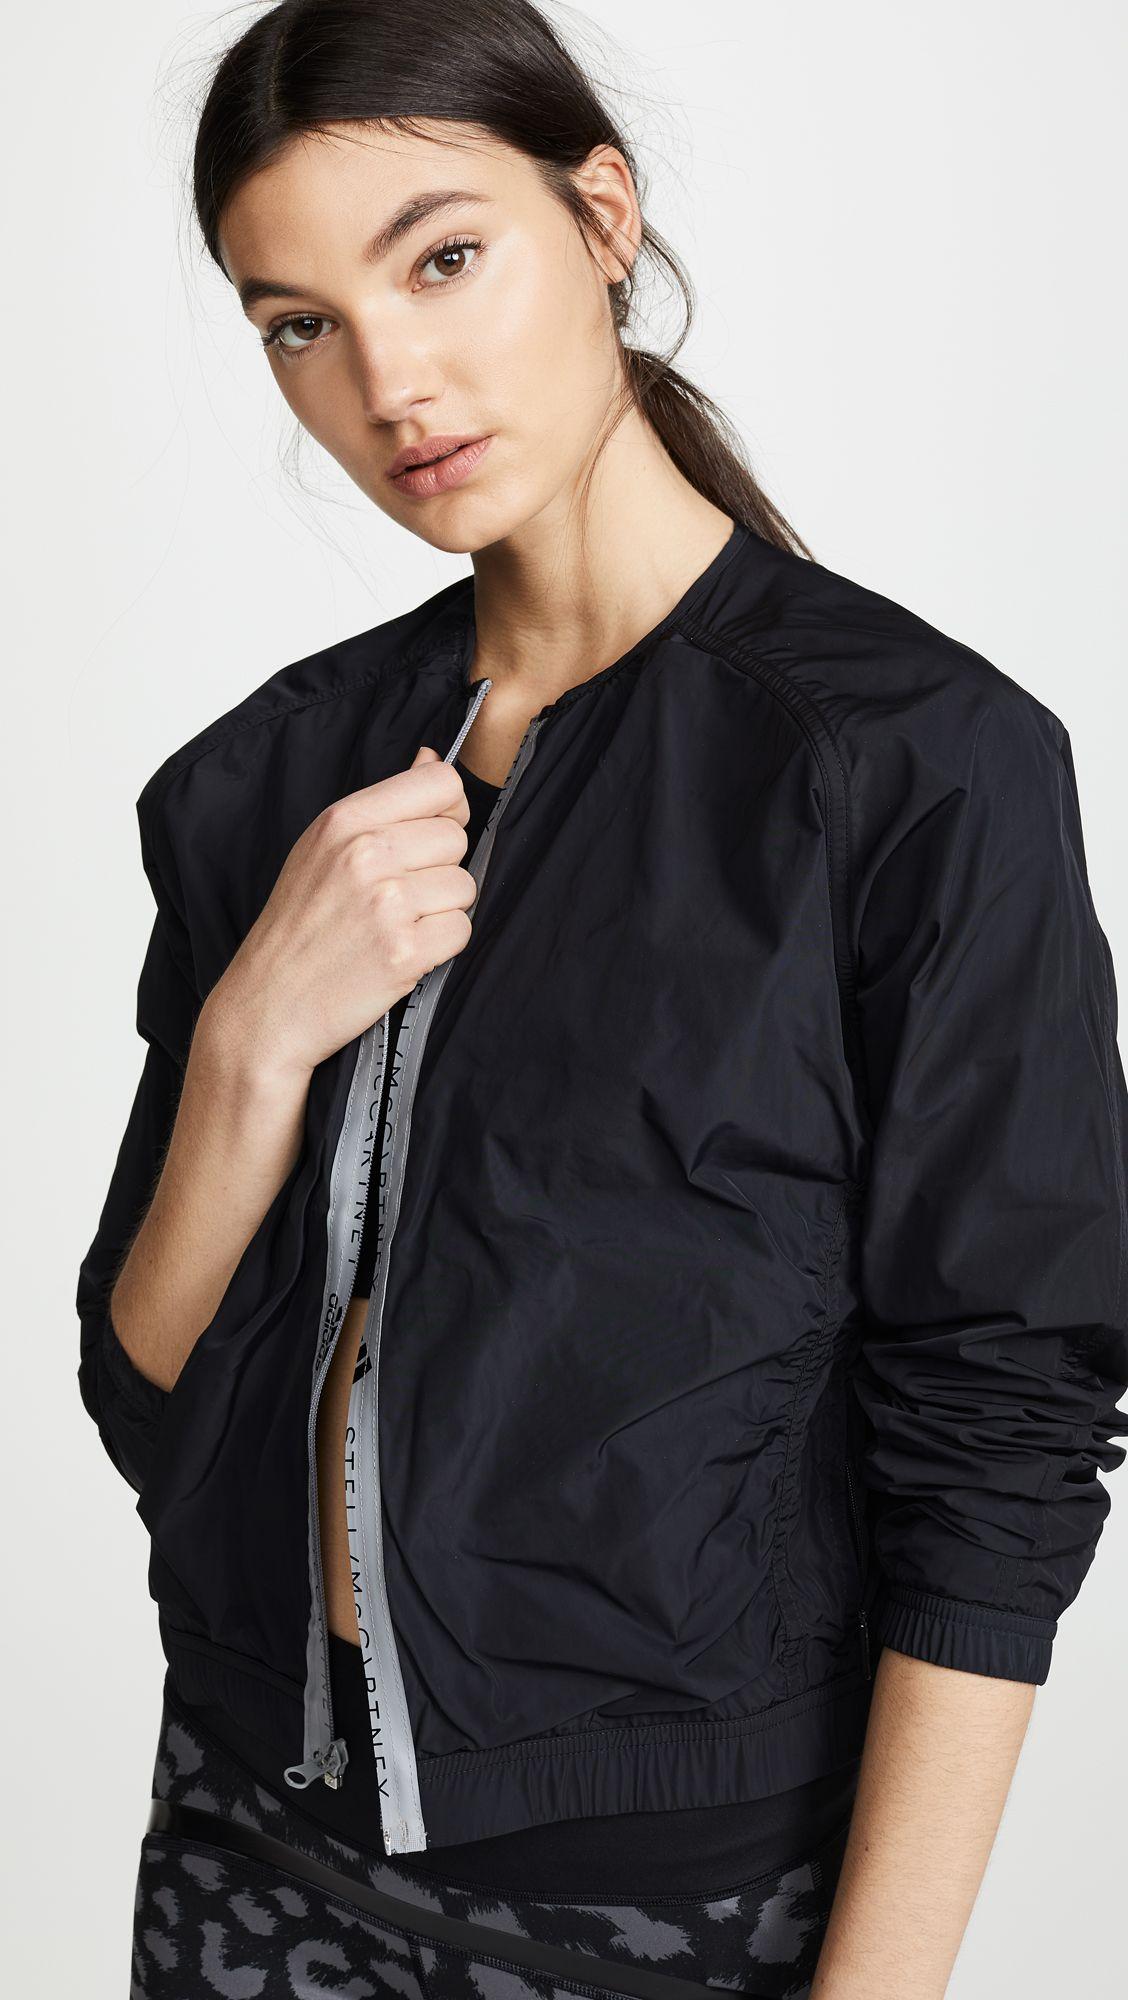 Adidas By Stella Mccartney Bomber Jacket | Bomber jacket